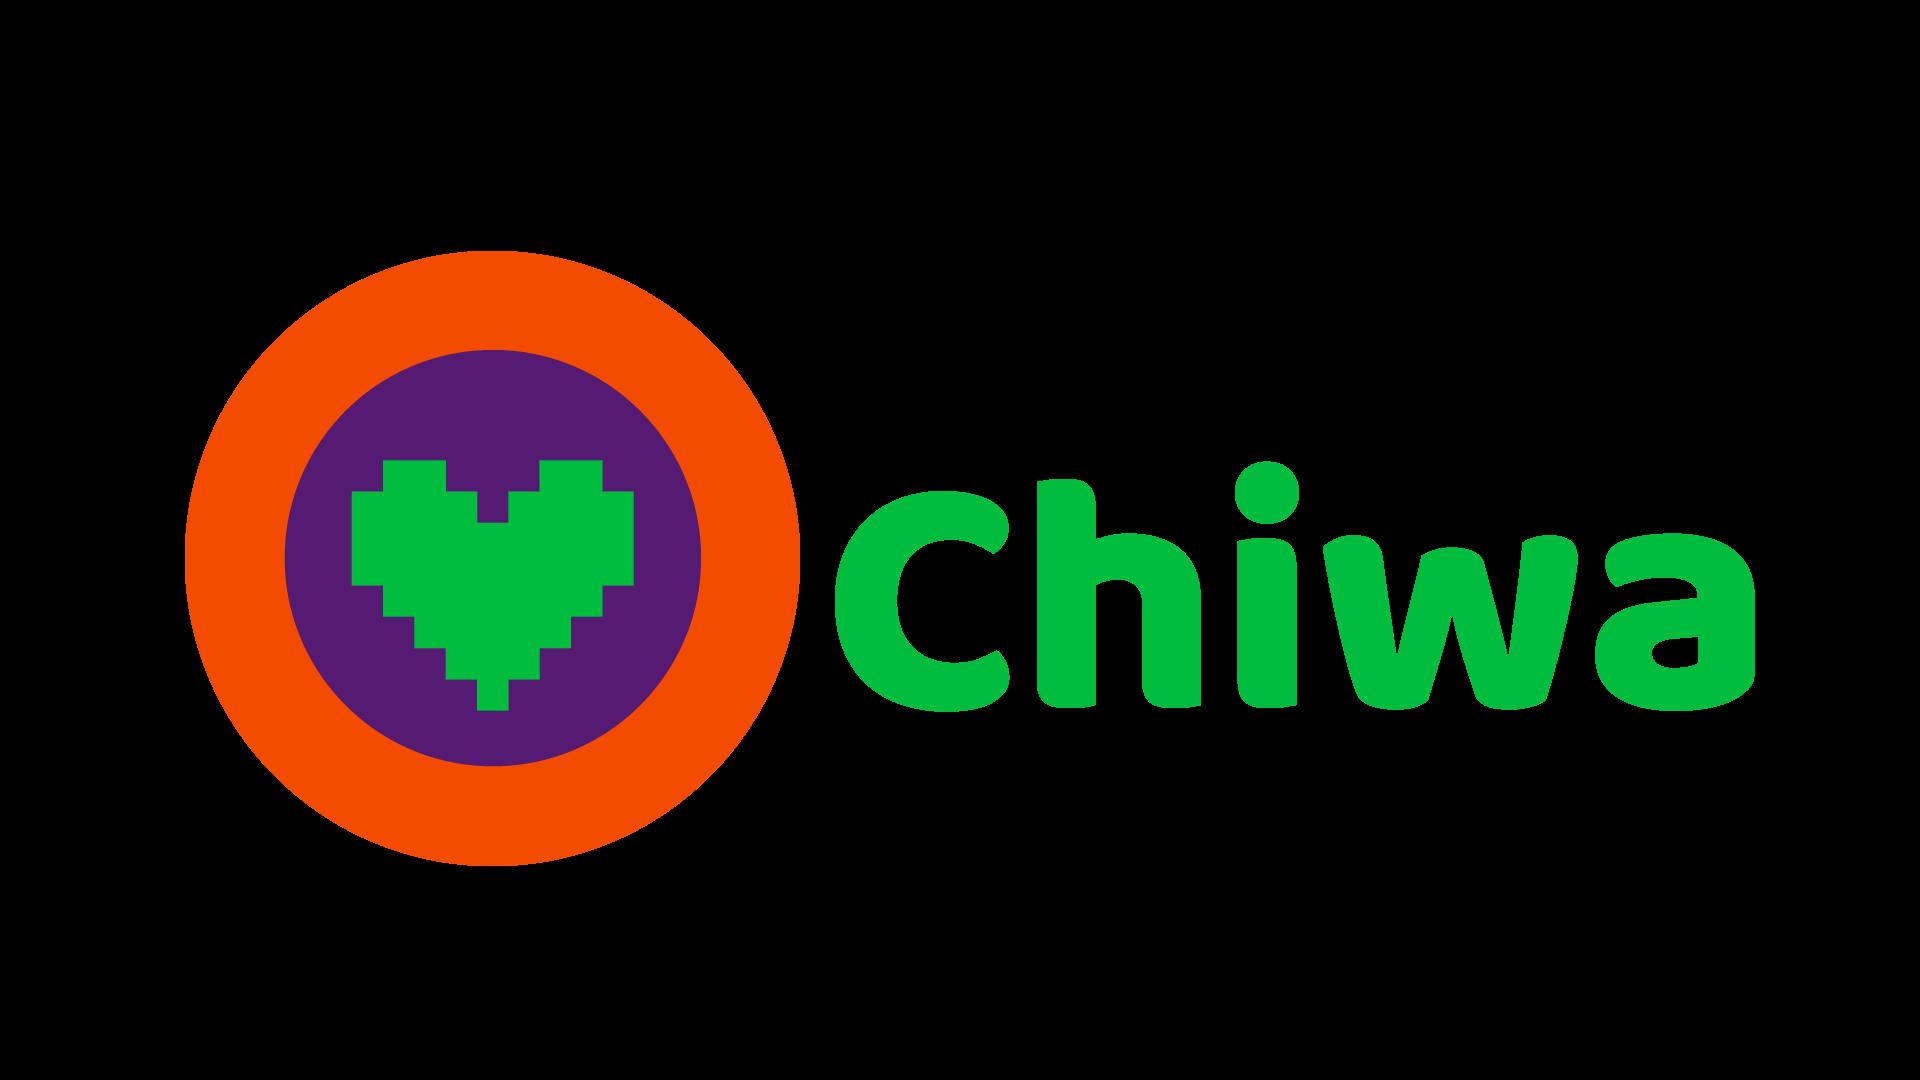 Chiwa